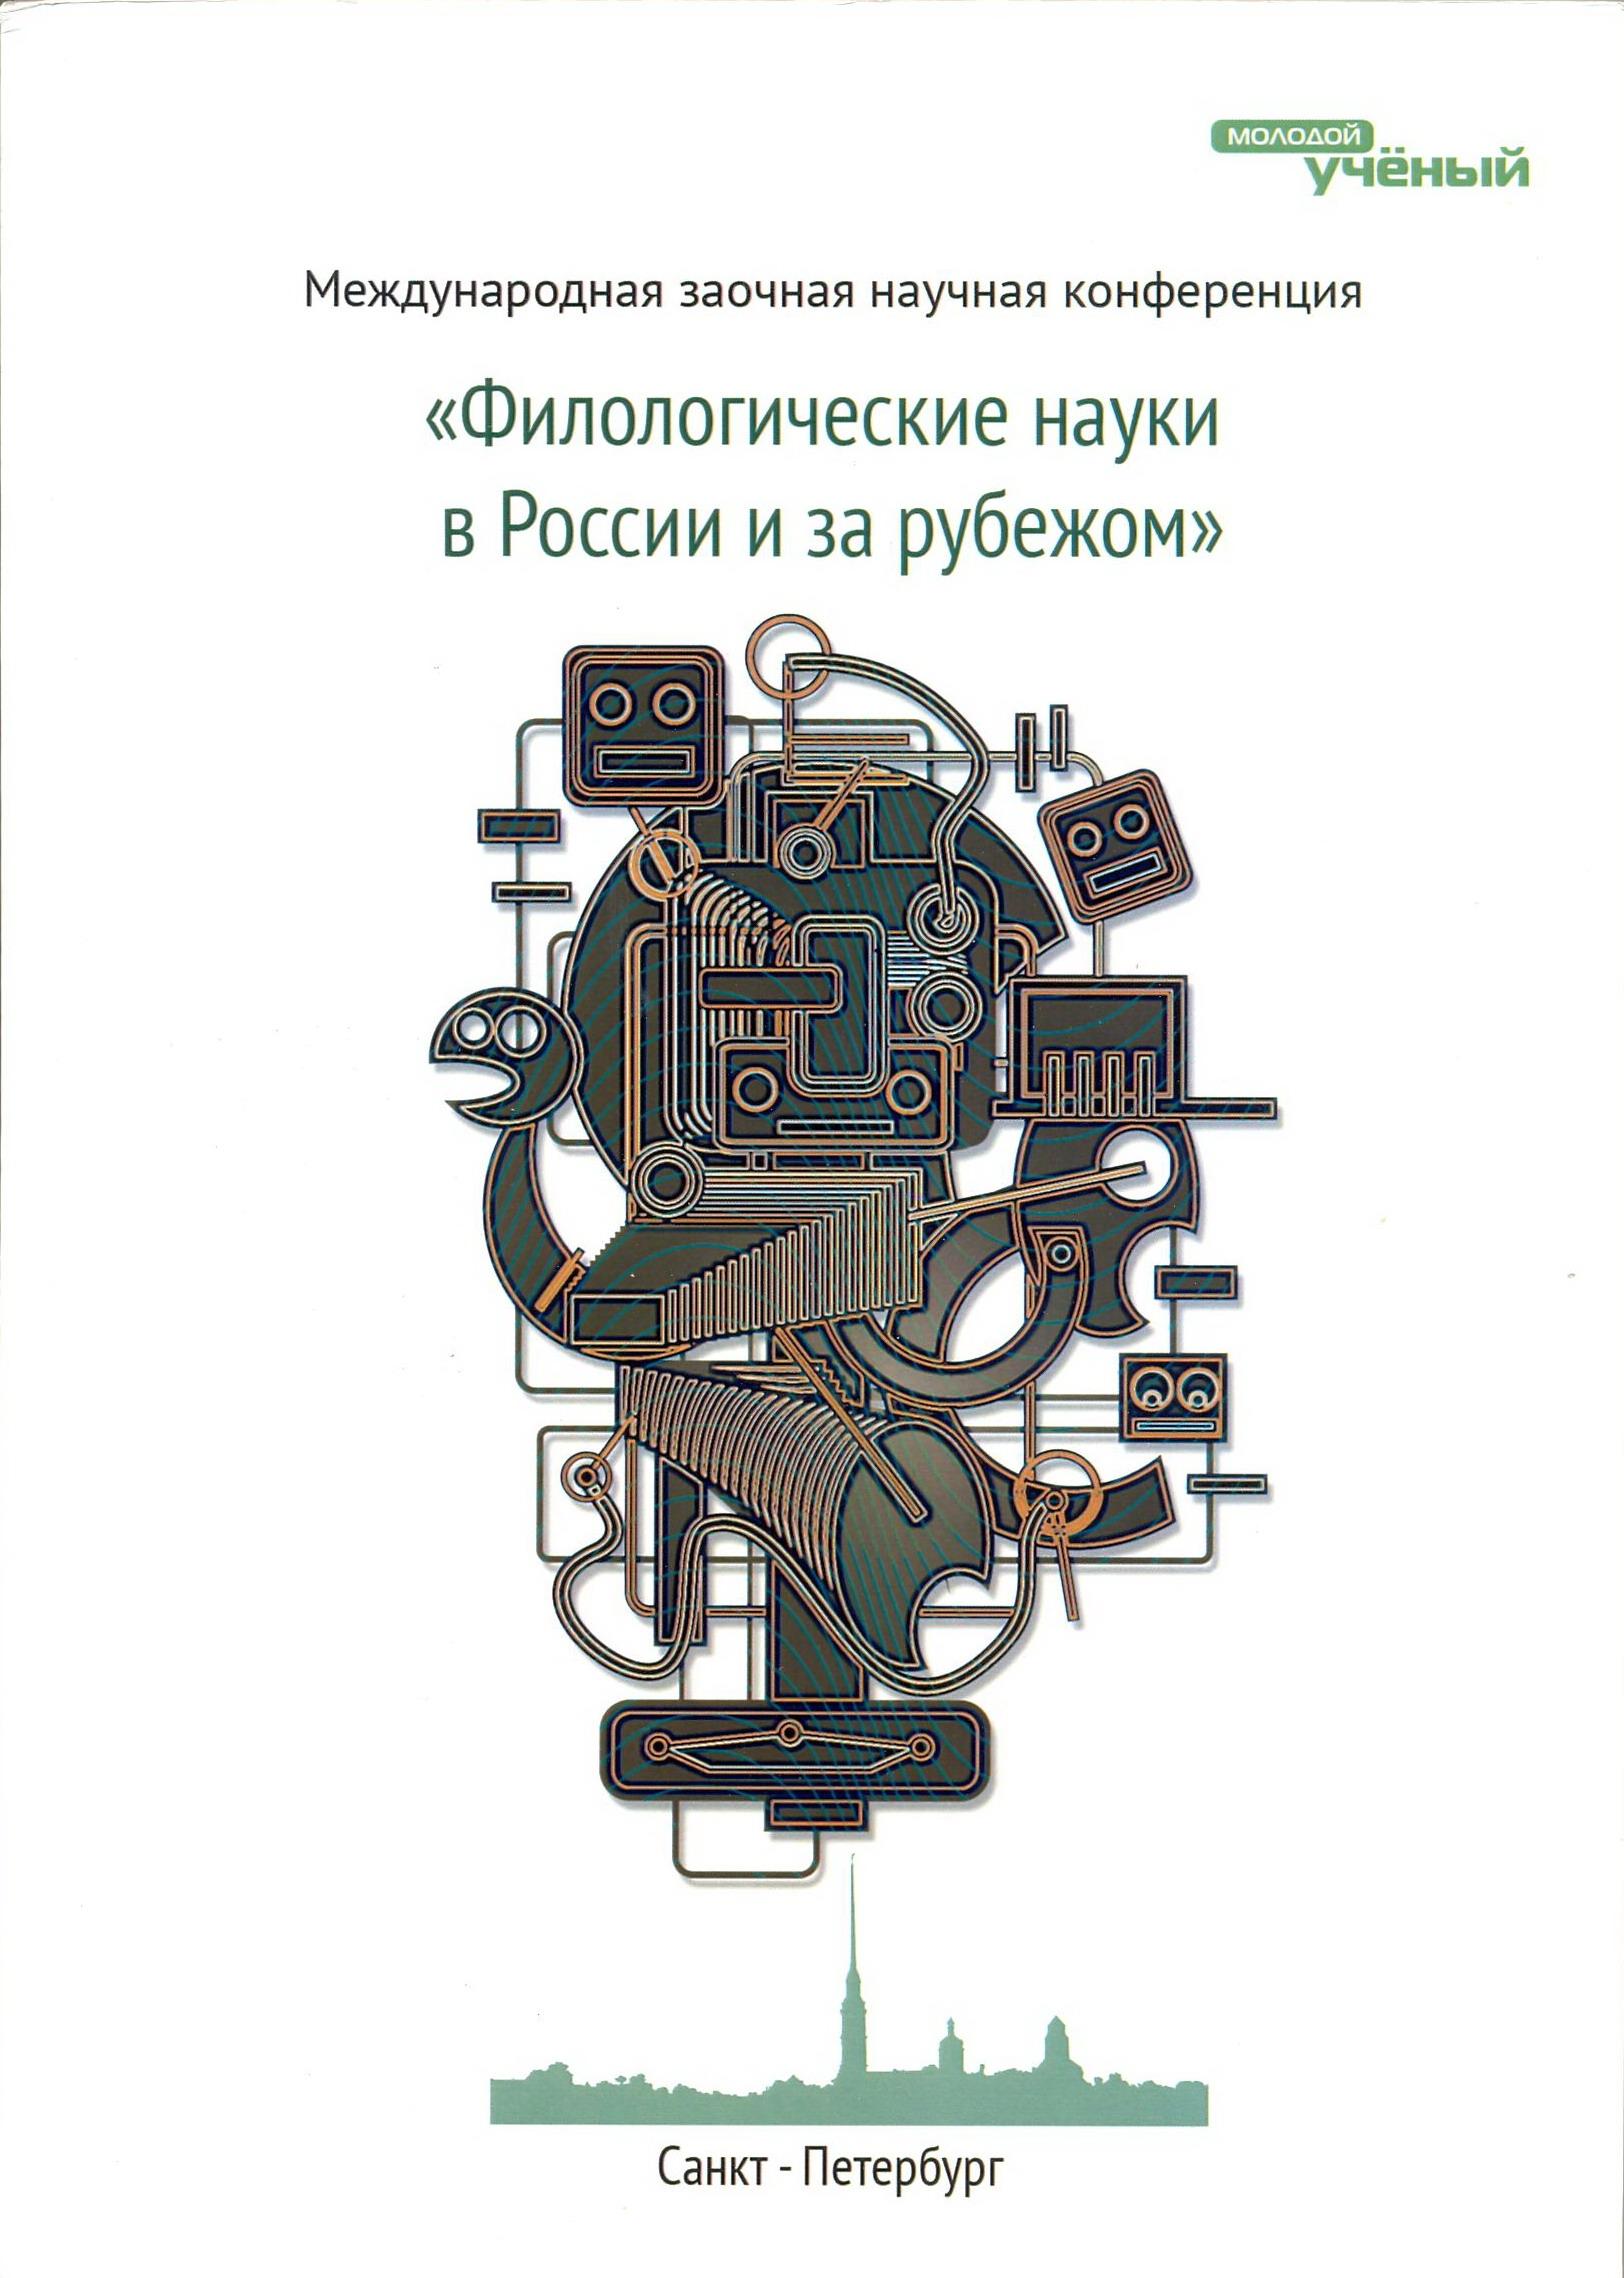 Социально-культурная детерминация коллективного знания об объективной пространственной действительности Средневековья (на примере лексико-семантической системы средневерхненемецкого)